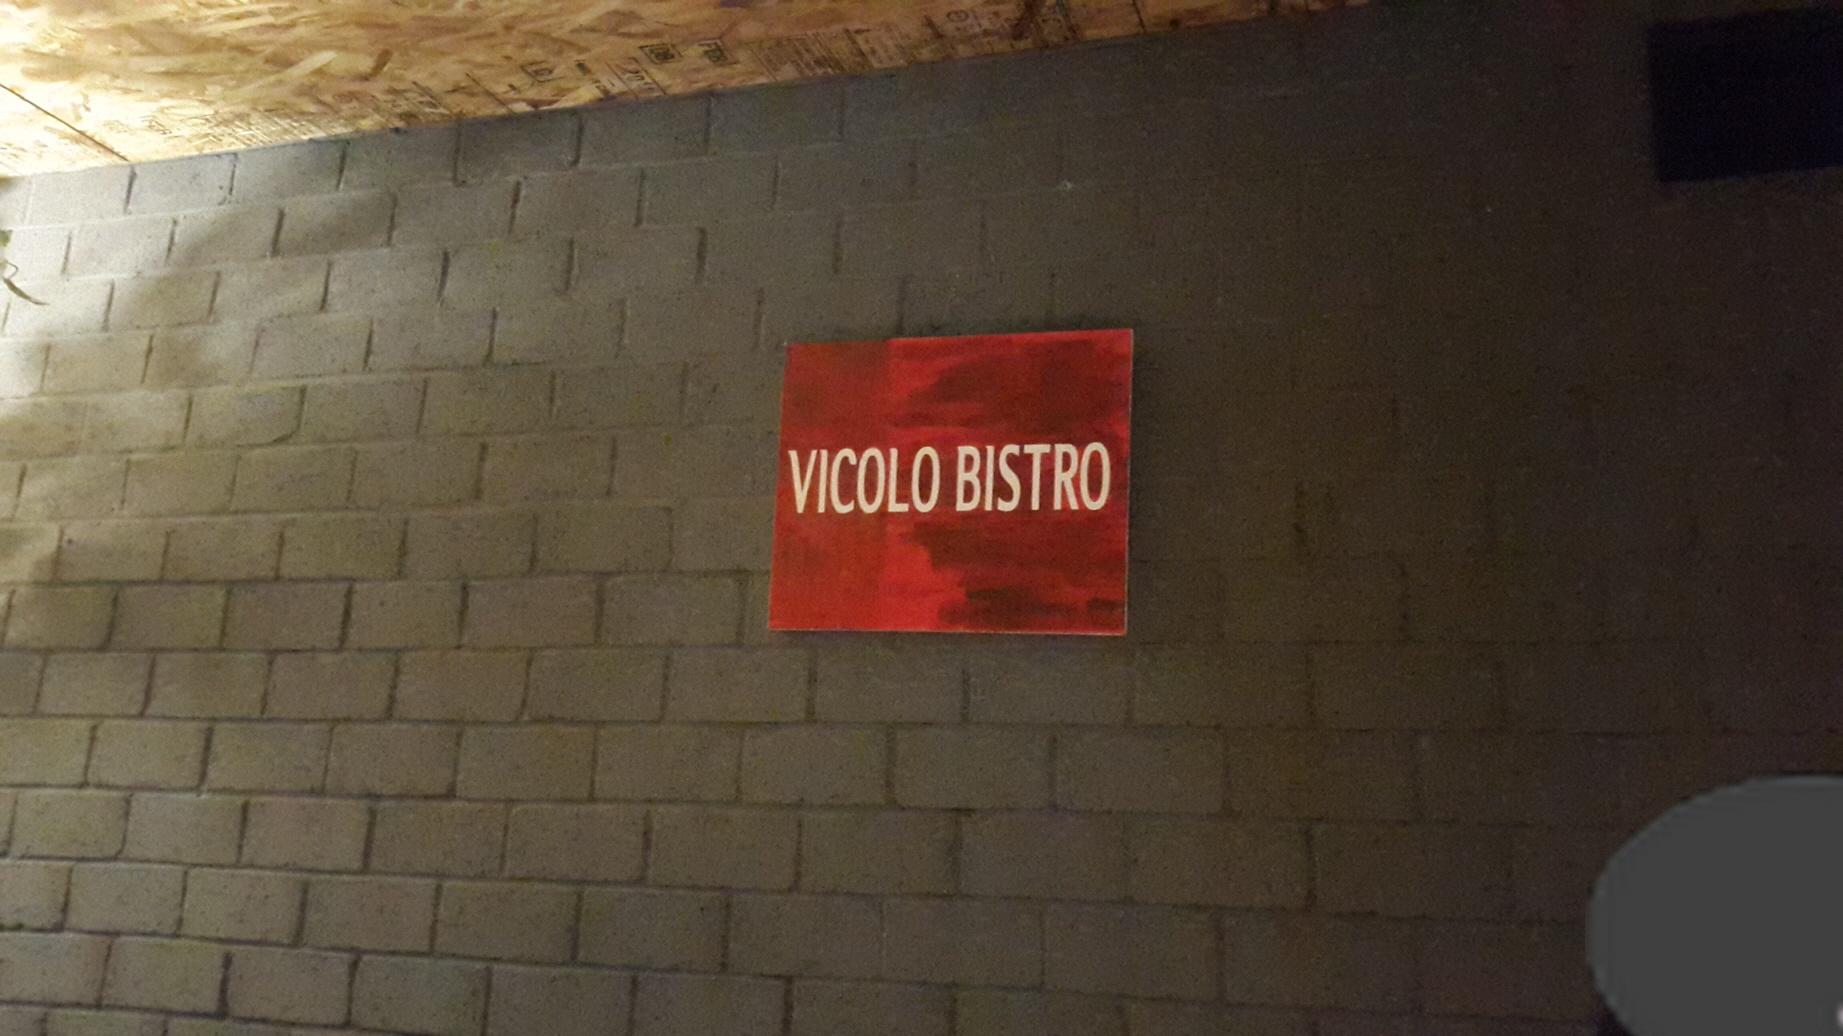 부천역-VICOLO BISTRO 맛있는 화덕피자